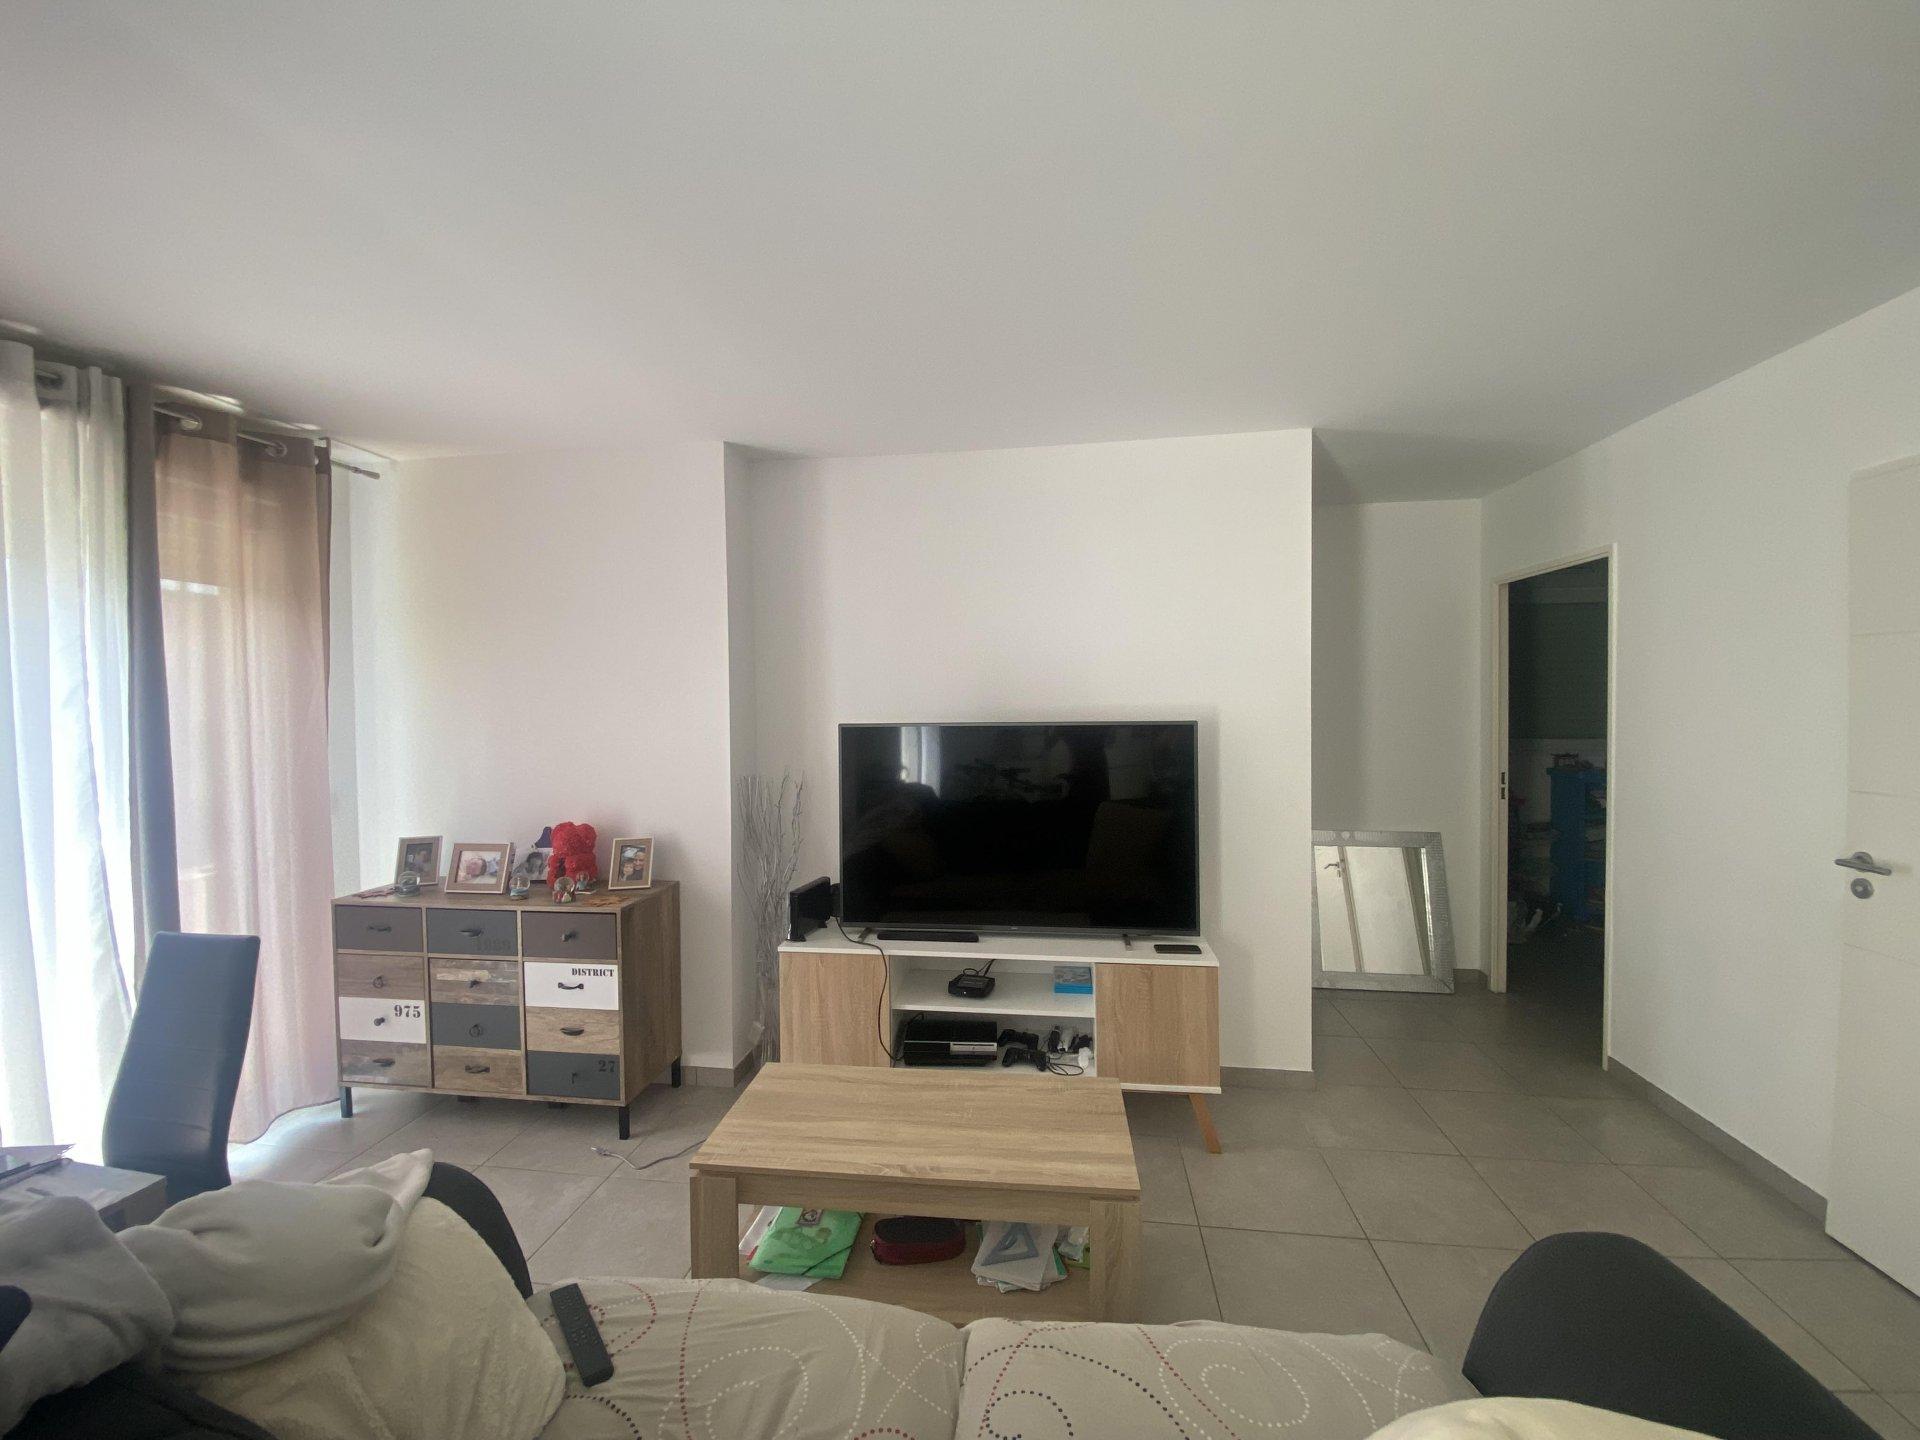 Sale Apartment - Saint-Laurent-du-Var Gare